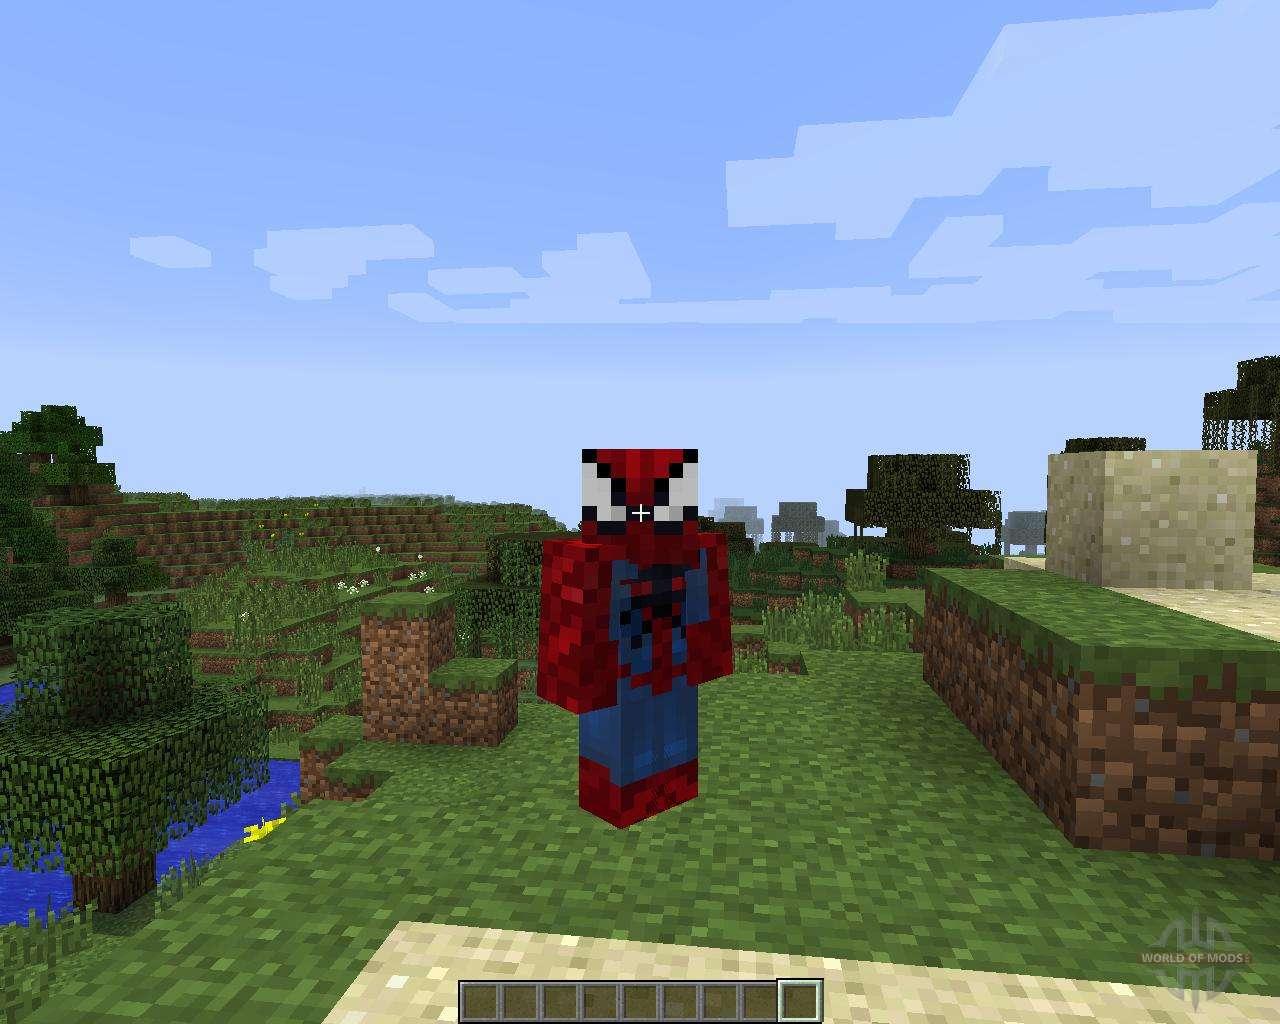 Мод на майнкрафт 1.7.10 на человека паука